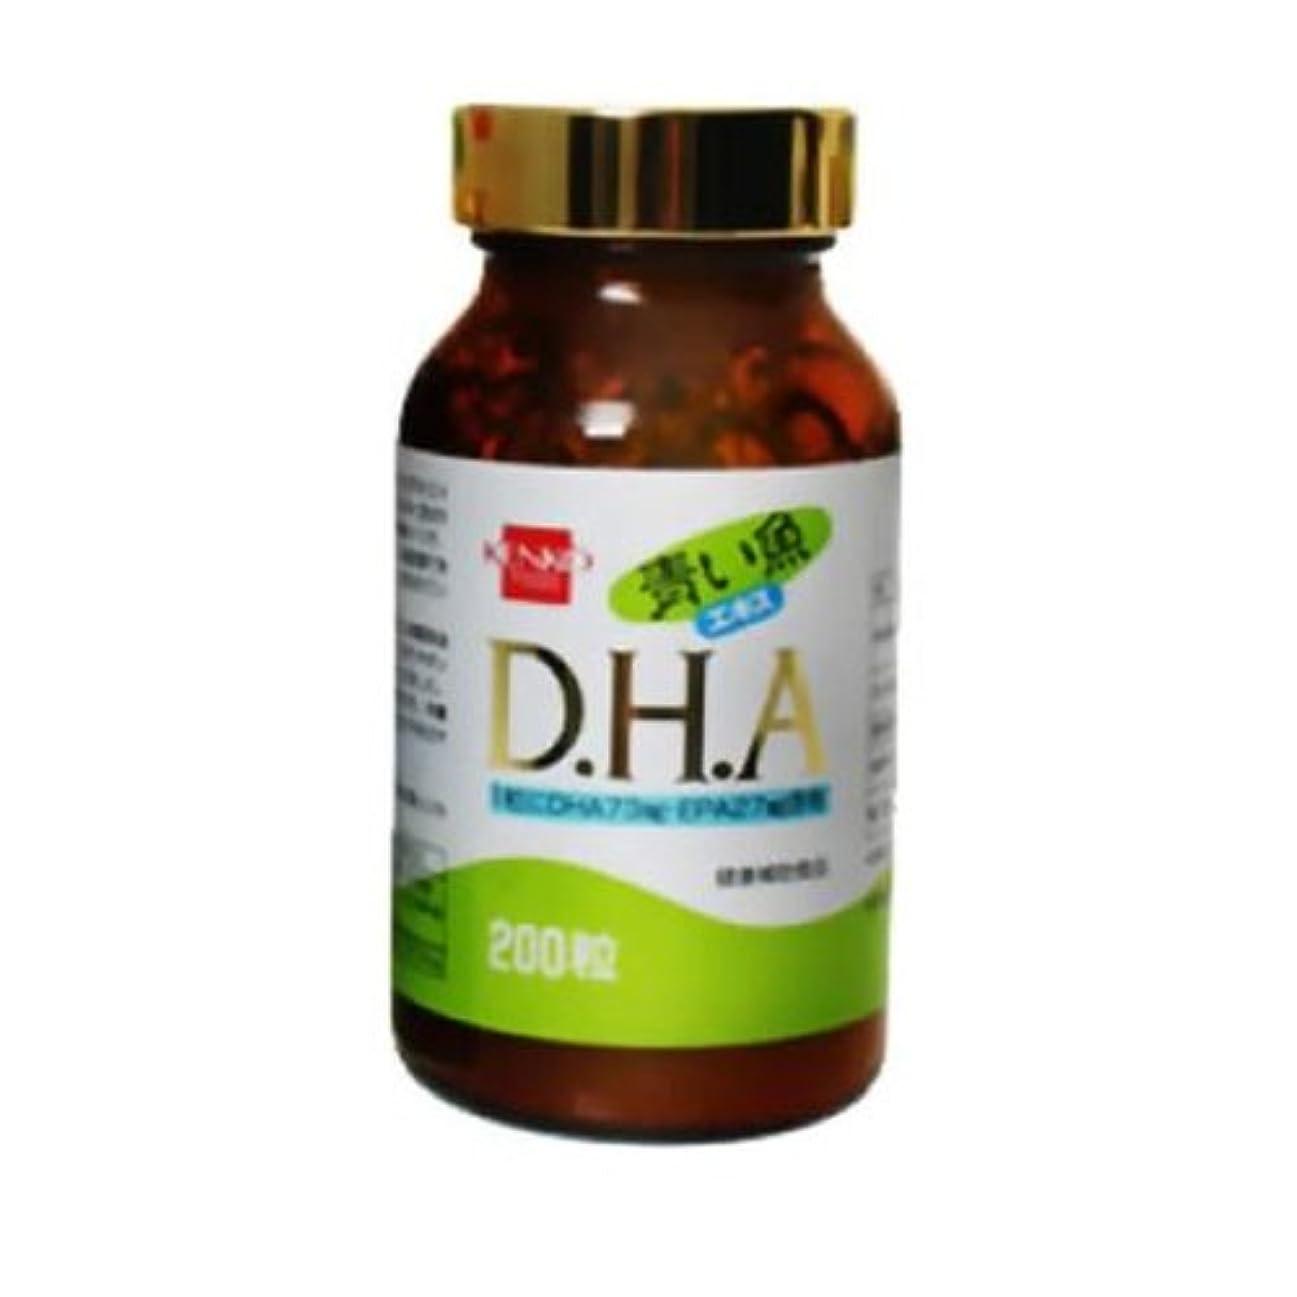 信じるネーピア肩をすくめる青い魚エキス DHA EPA 200粒